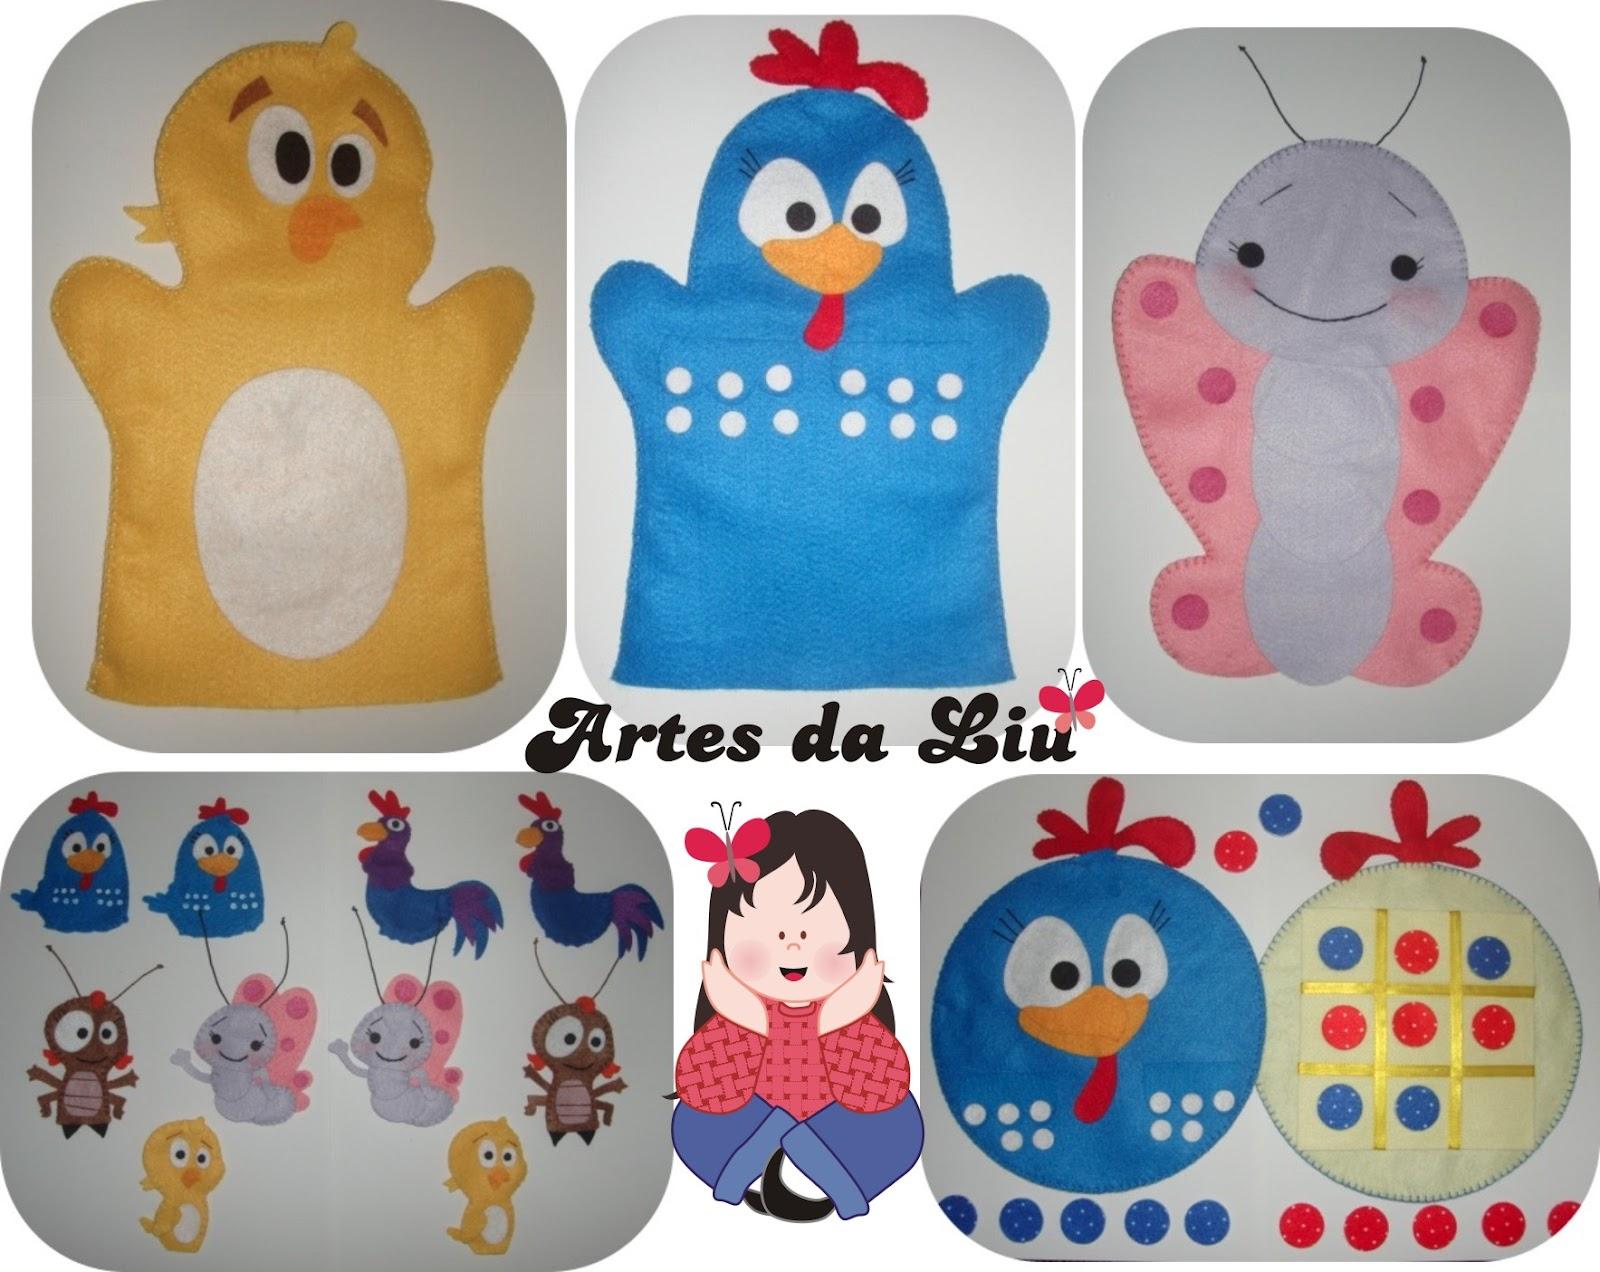 Pin Festa Da Turma Do Ursinho Pooh Baby Ficou Tudo Pelautscom on